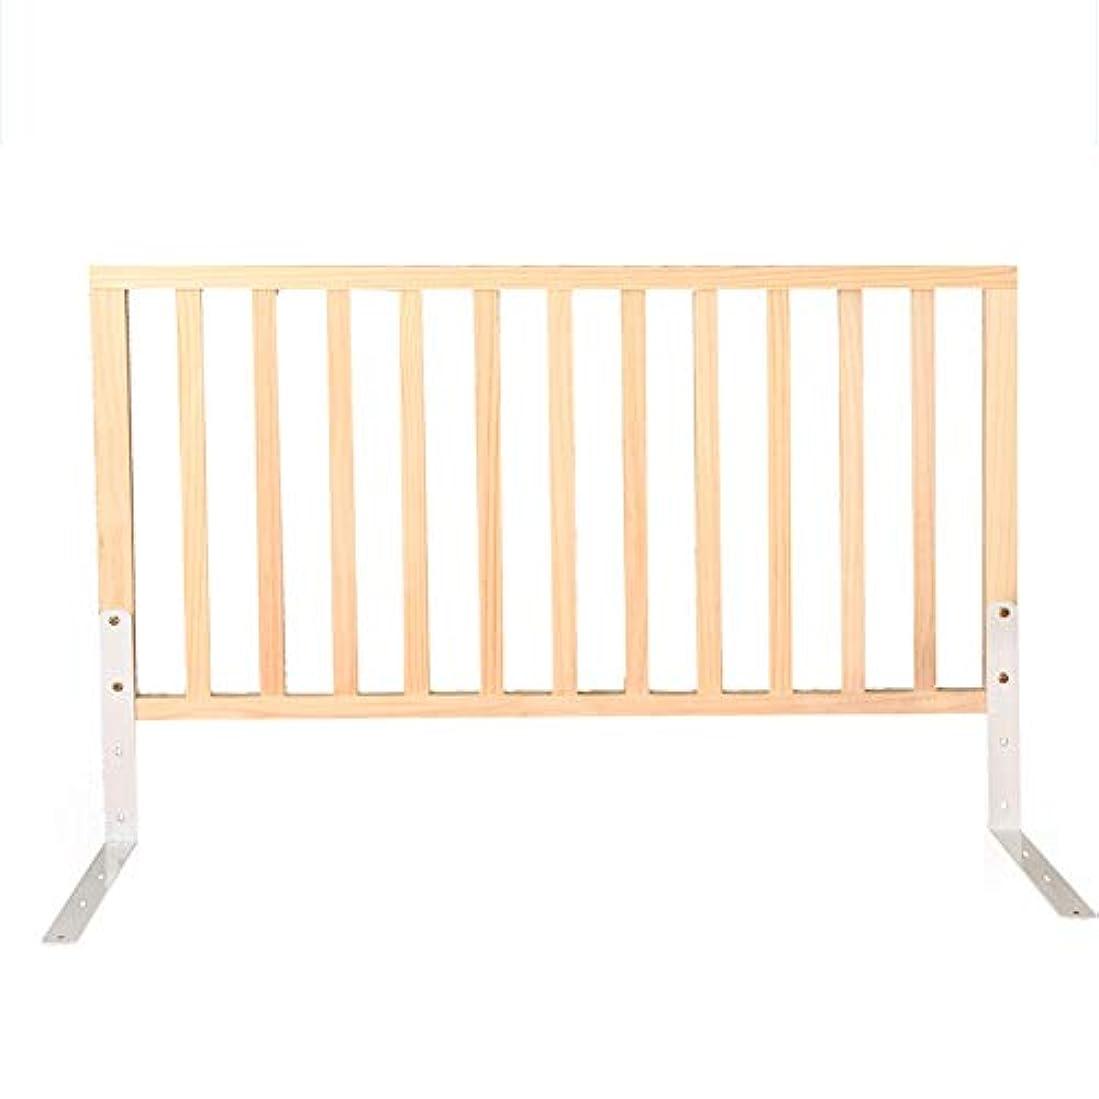 詳細な果てしない有害Xyanzi-ガードレールフェンス 幼児のガードレール、純木のベッドの柵の監視高さ調節可能なスラット及びBoxspringのための普遍的な適合(サイズ:150cm) (色 : A, サイズ さいず : 90センチメートル)